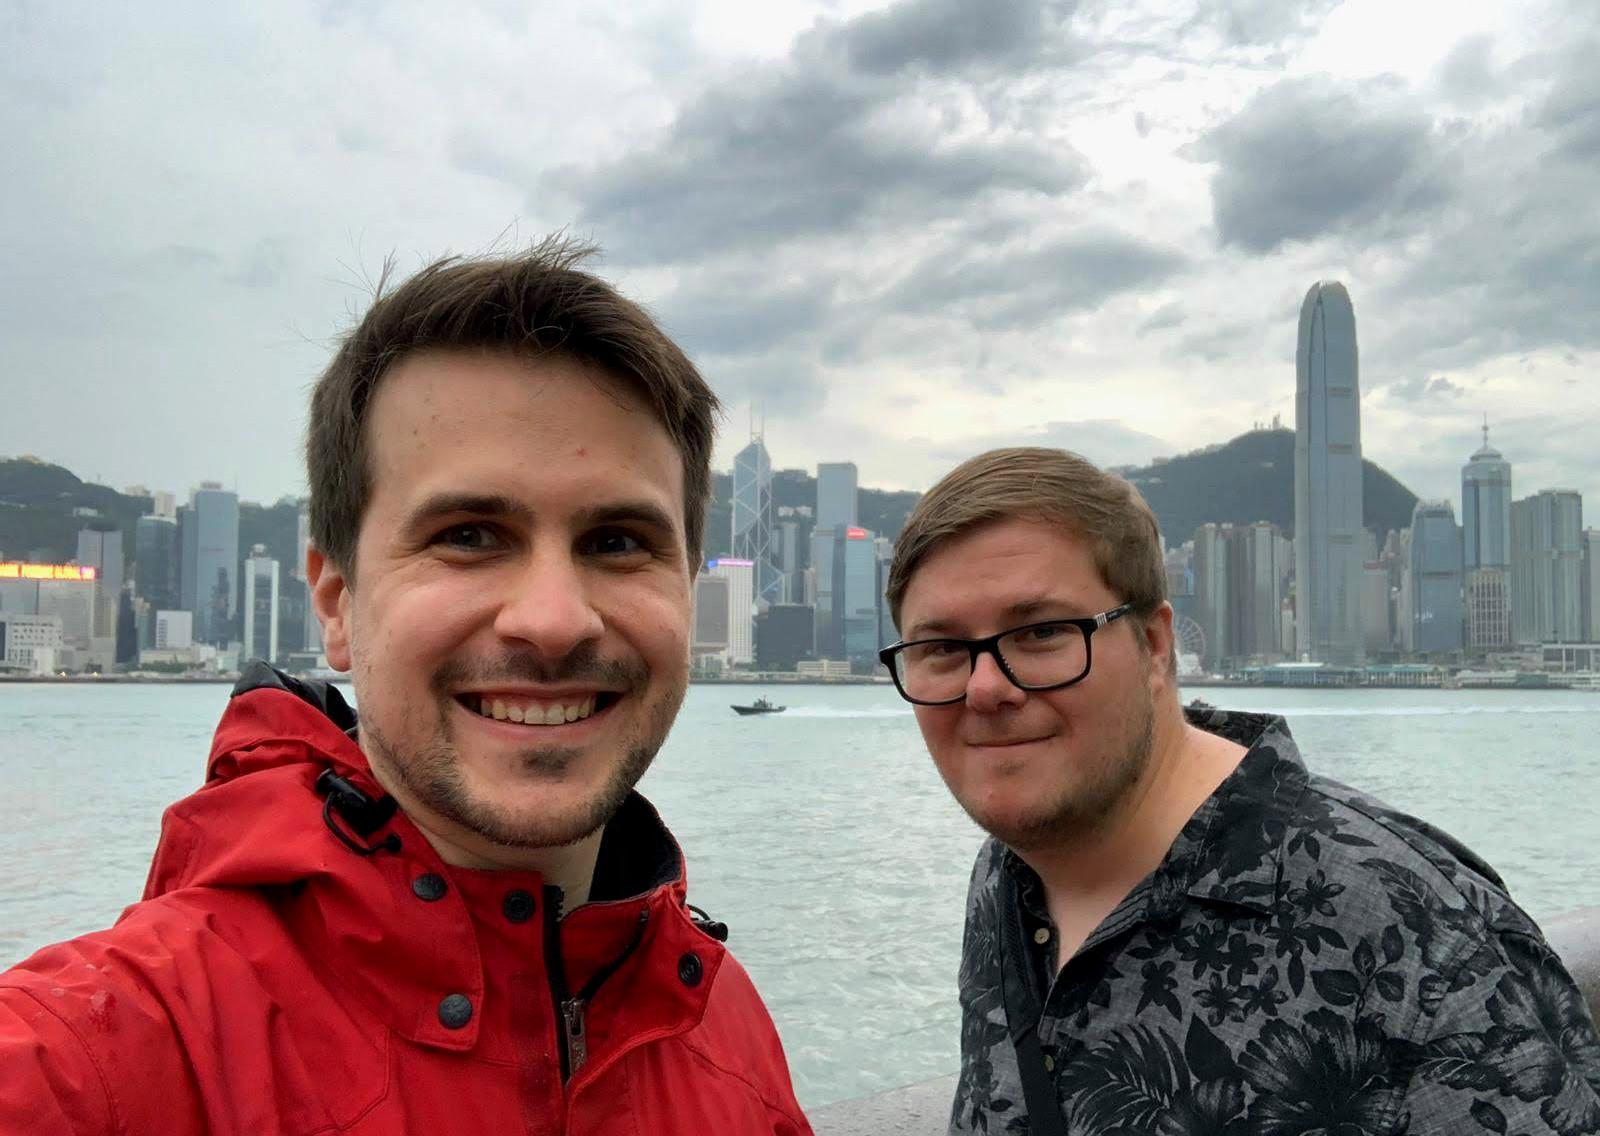 Nils Werschnik & Marc Möllmann in Hong Kong